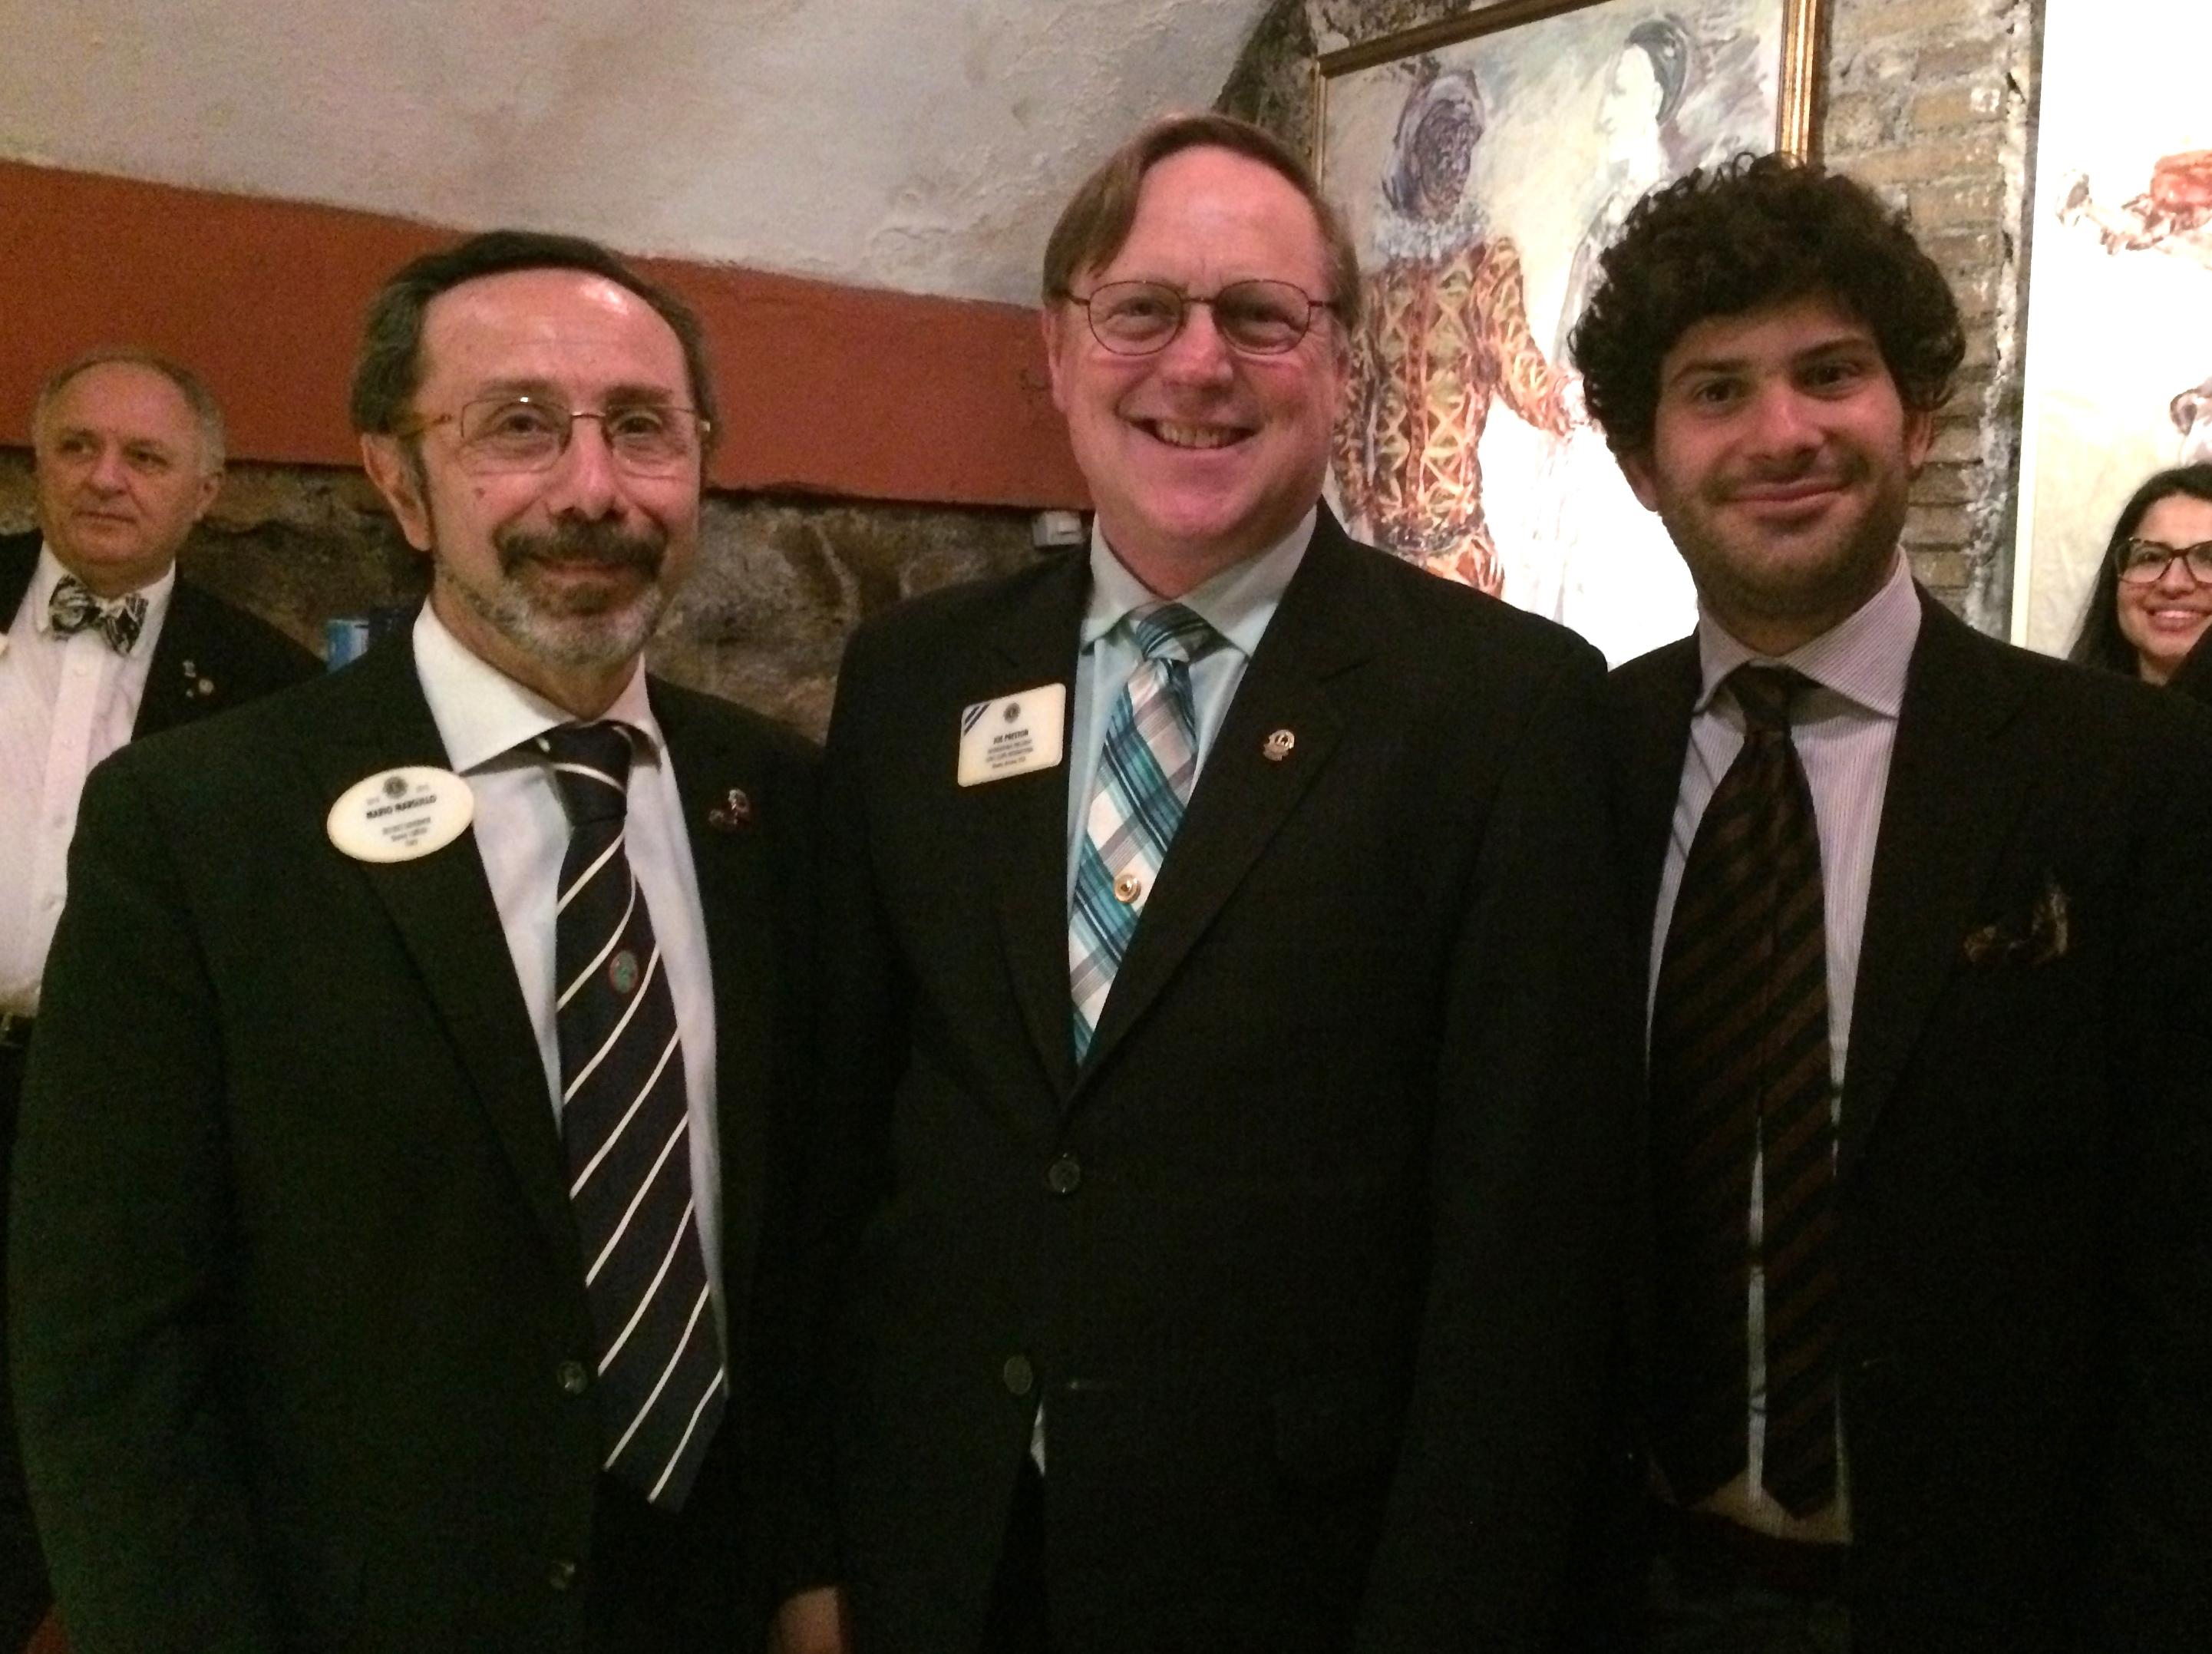 IL PRESIDENTE INTERNAZIONALE JOE PRESTON  incontra i Leo italiani